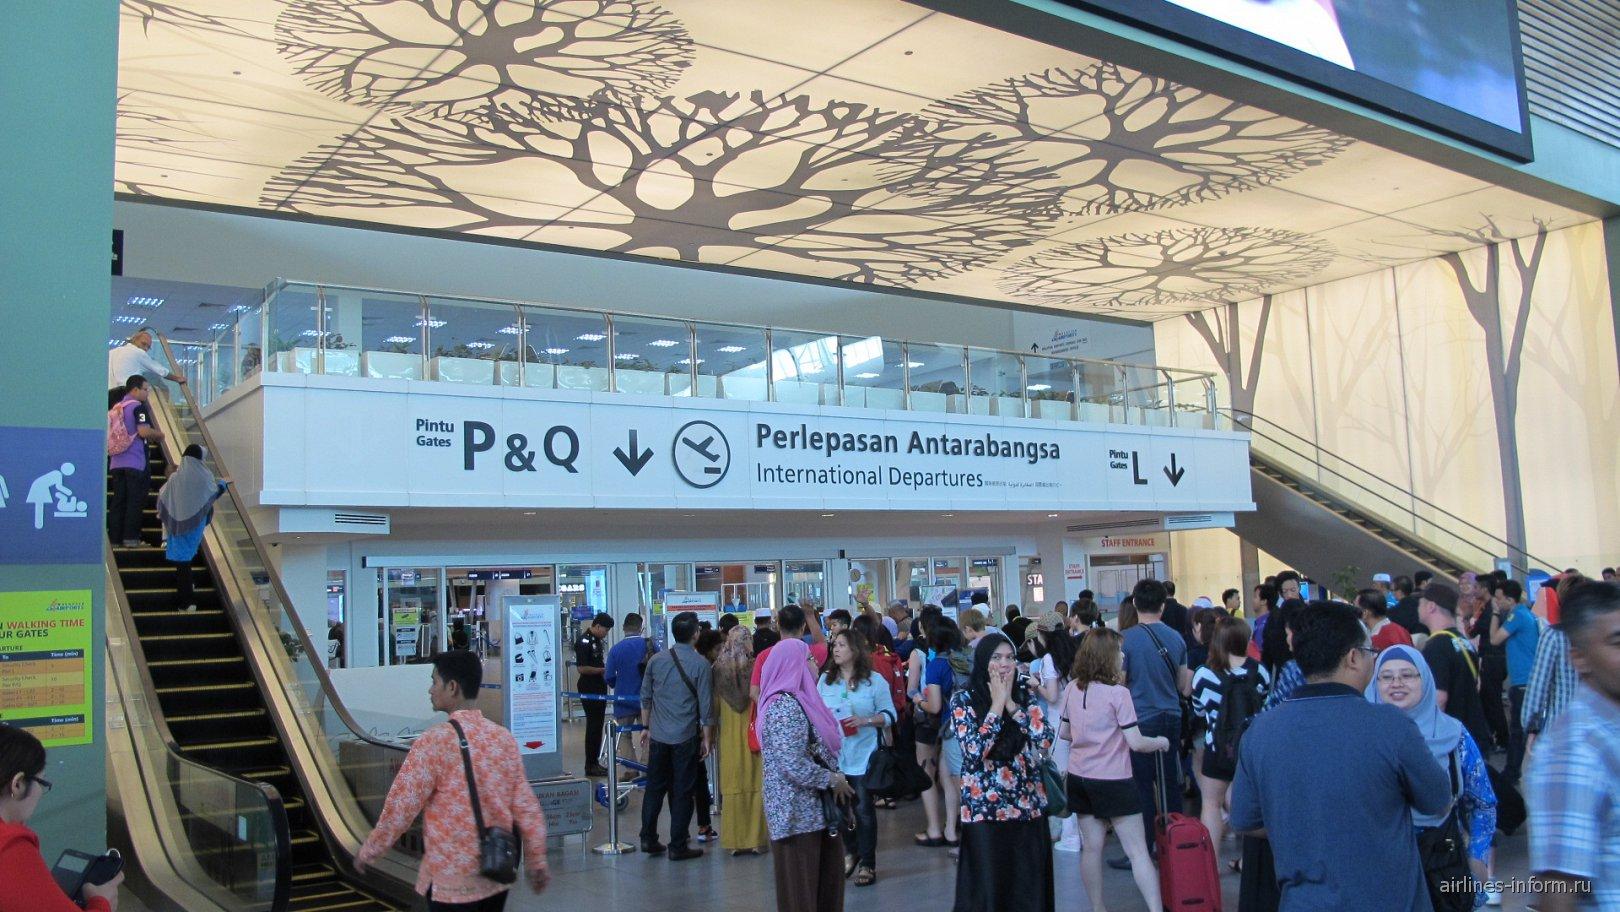 Вход в международный сектор лоукост-терминала KLIA2 аэропорта Куала-Лумпур